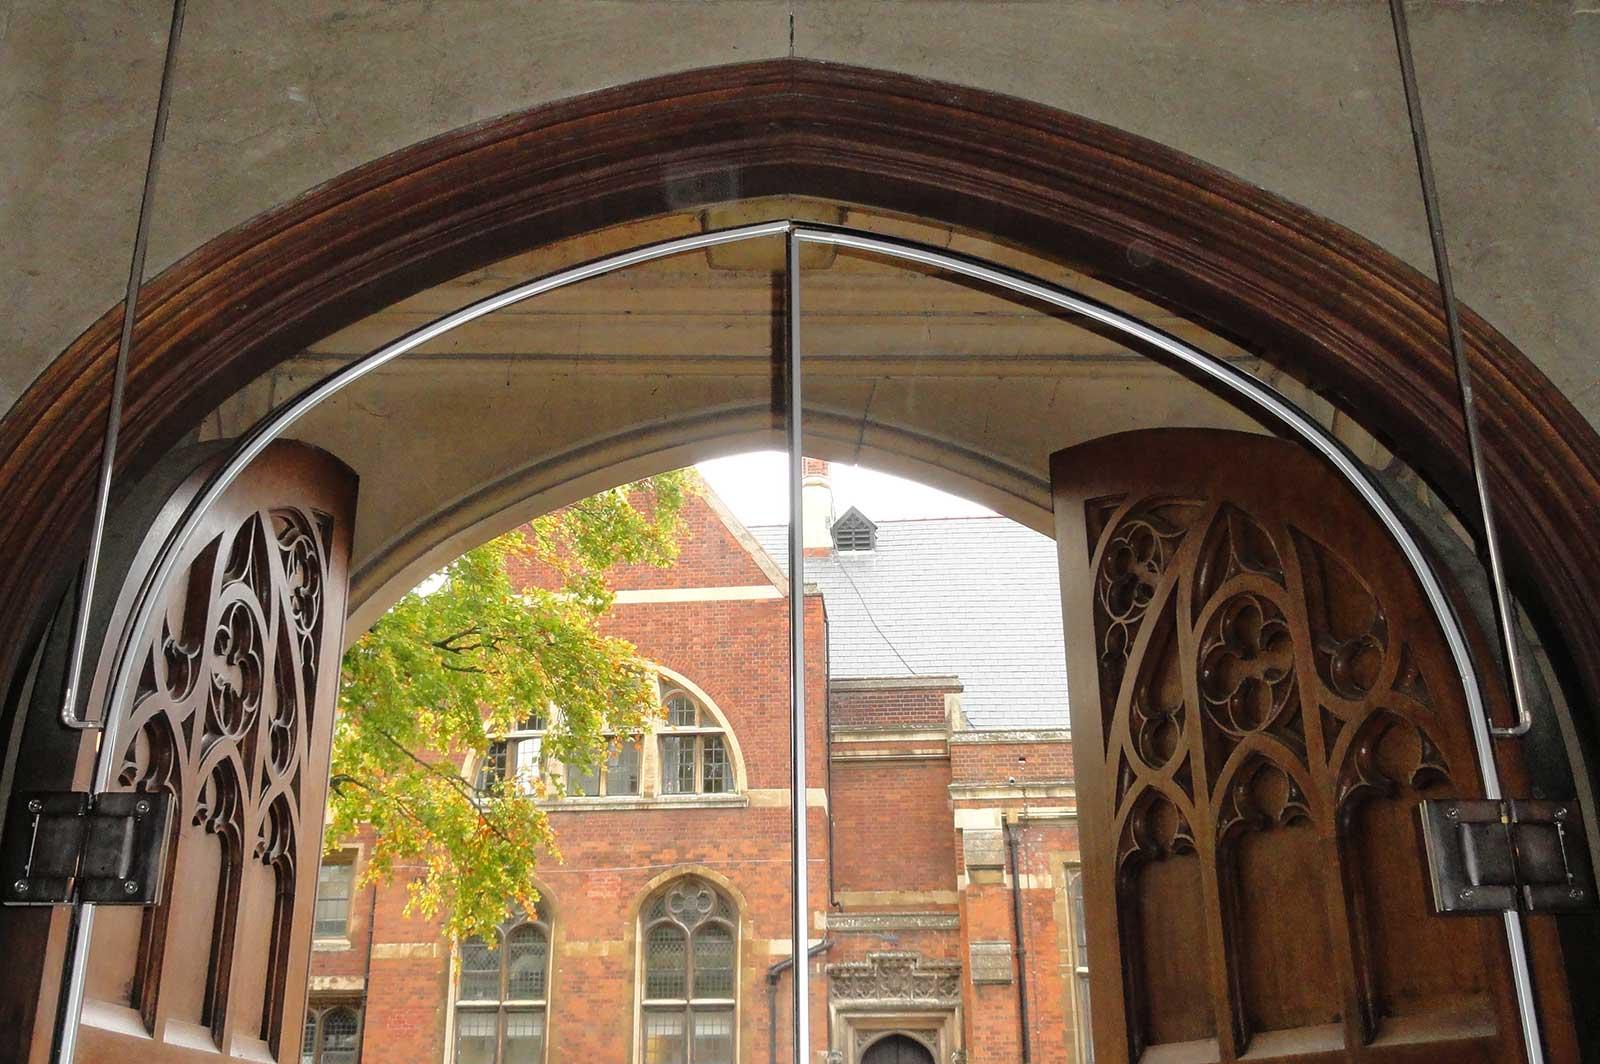 External Frameless Arched Glass Doors